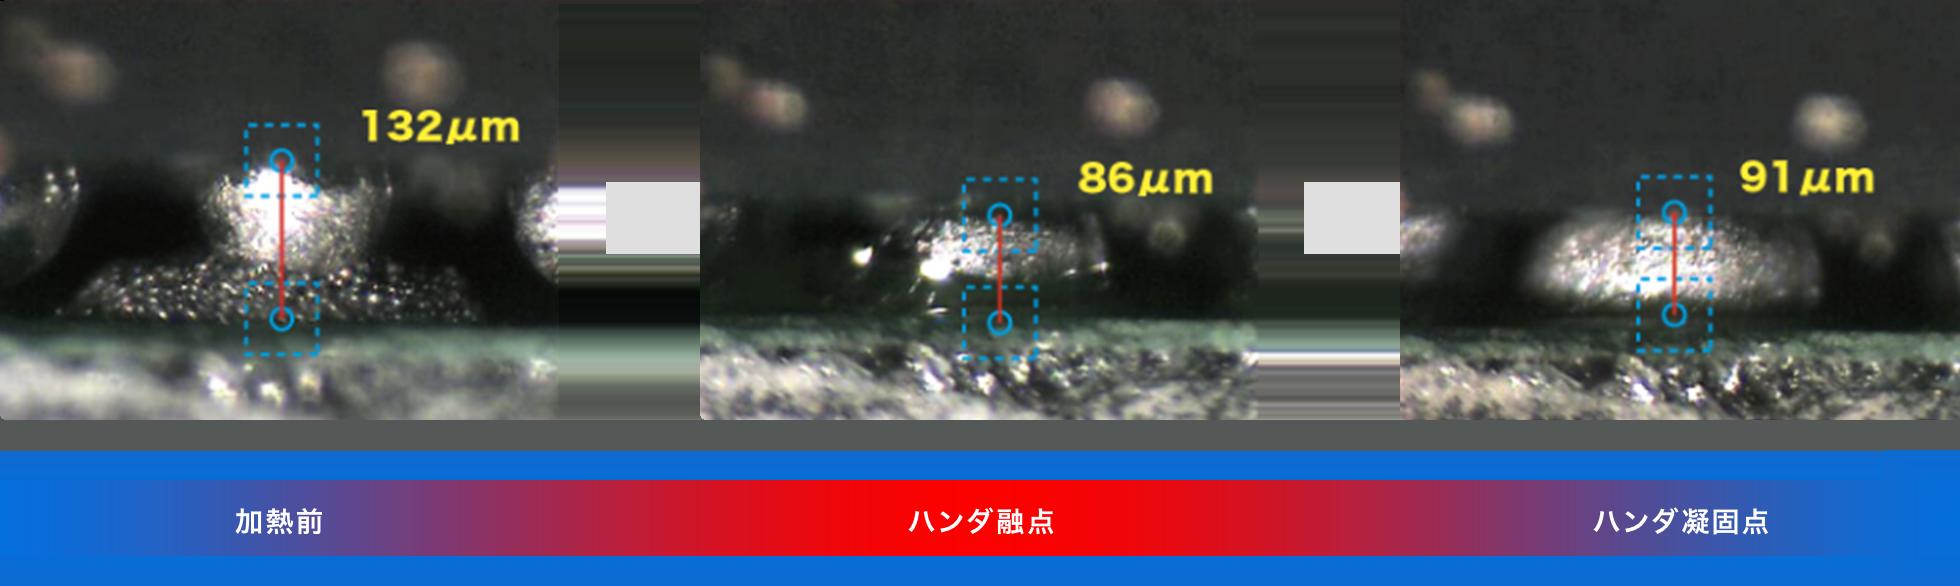 測長方法の説明画像